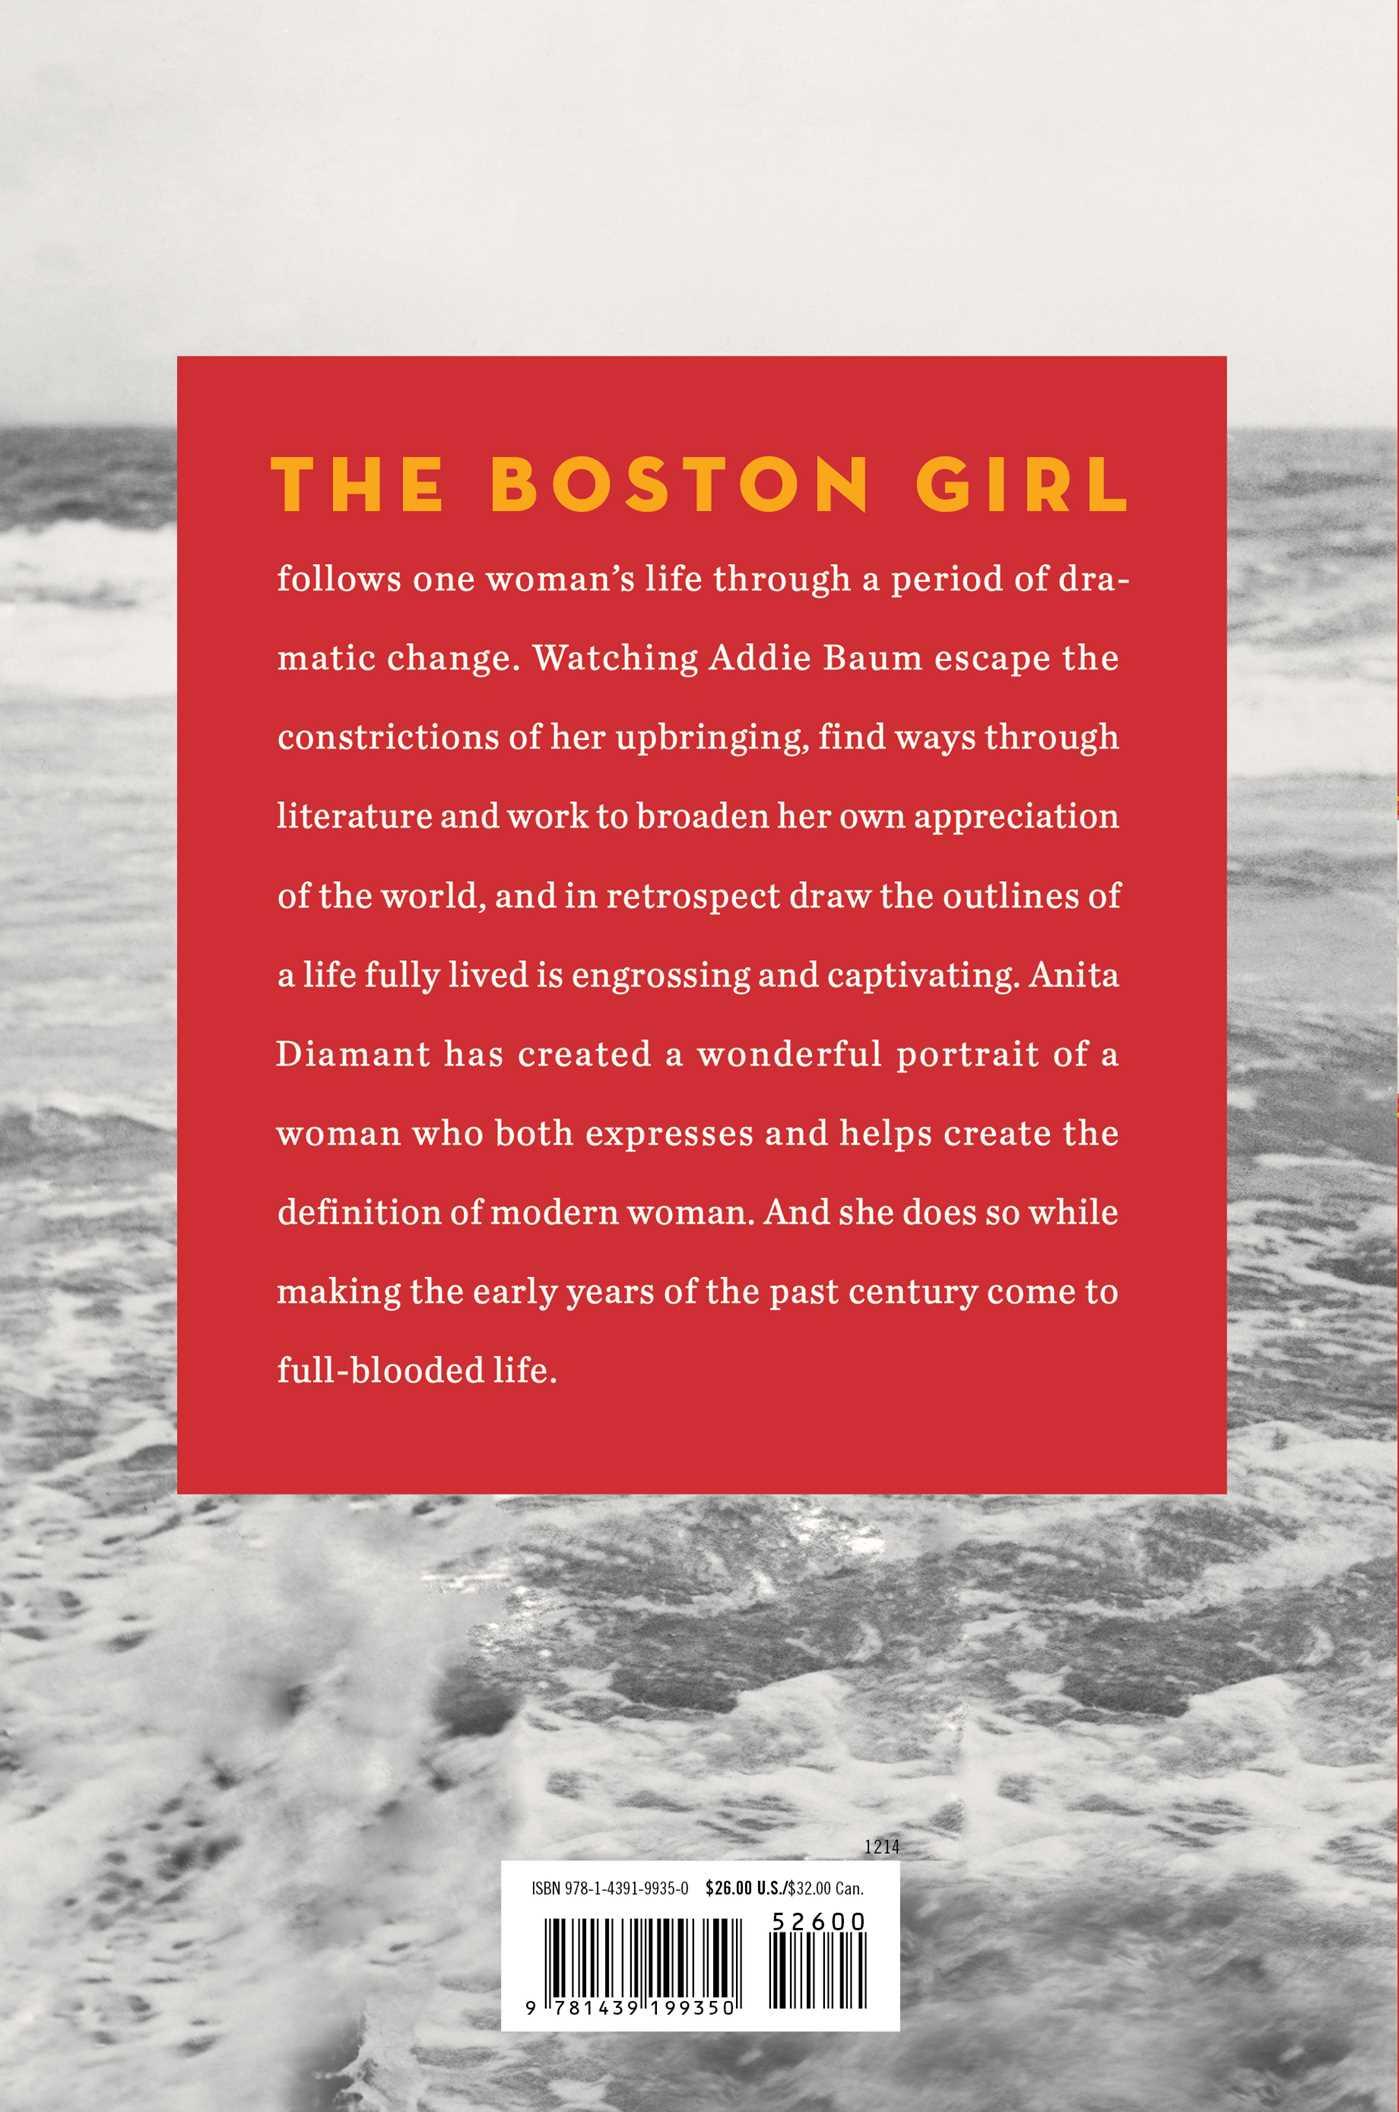 Boston girl 9781439199350 hr back